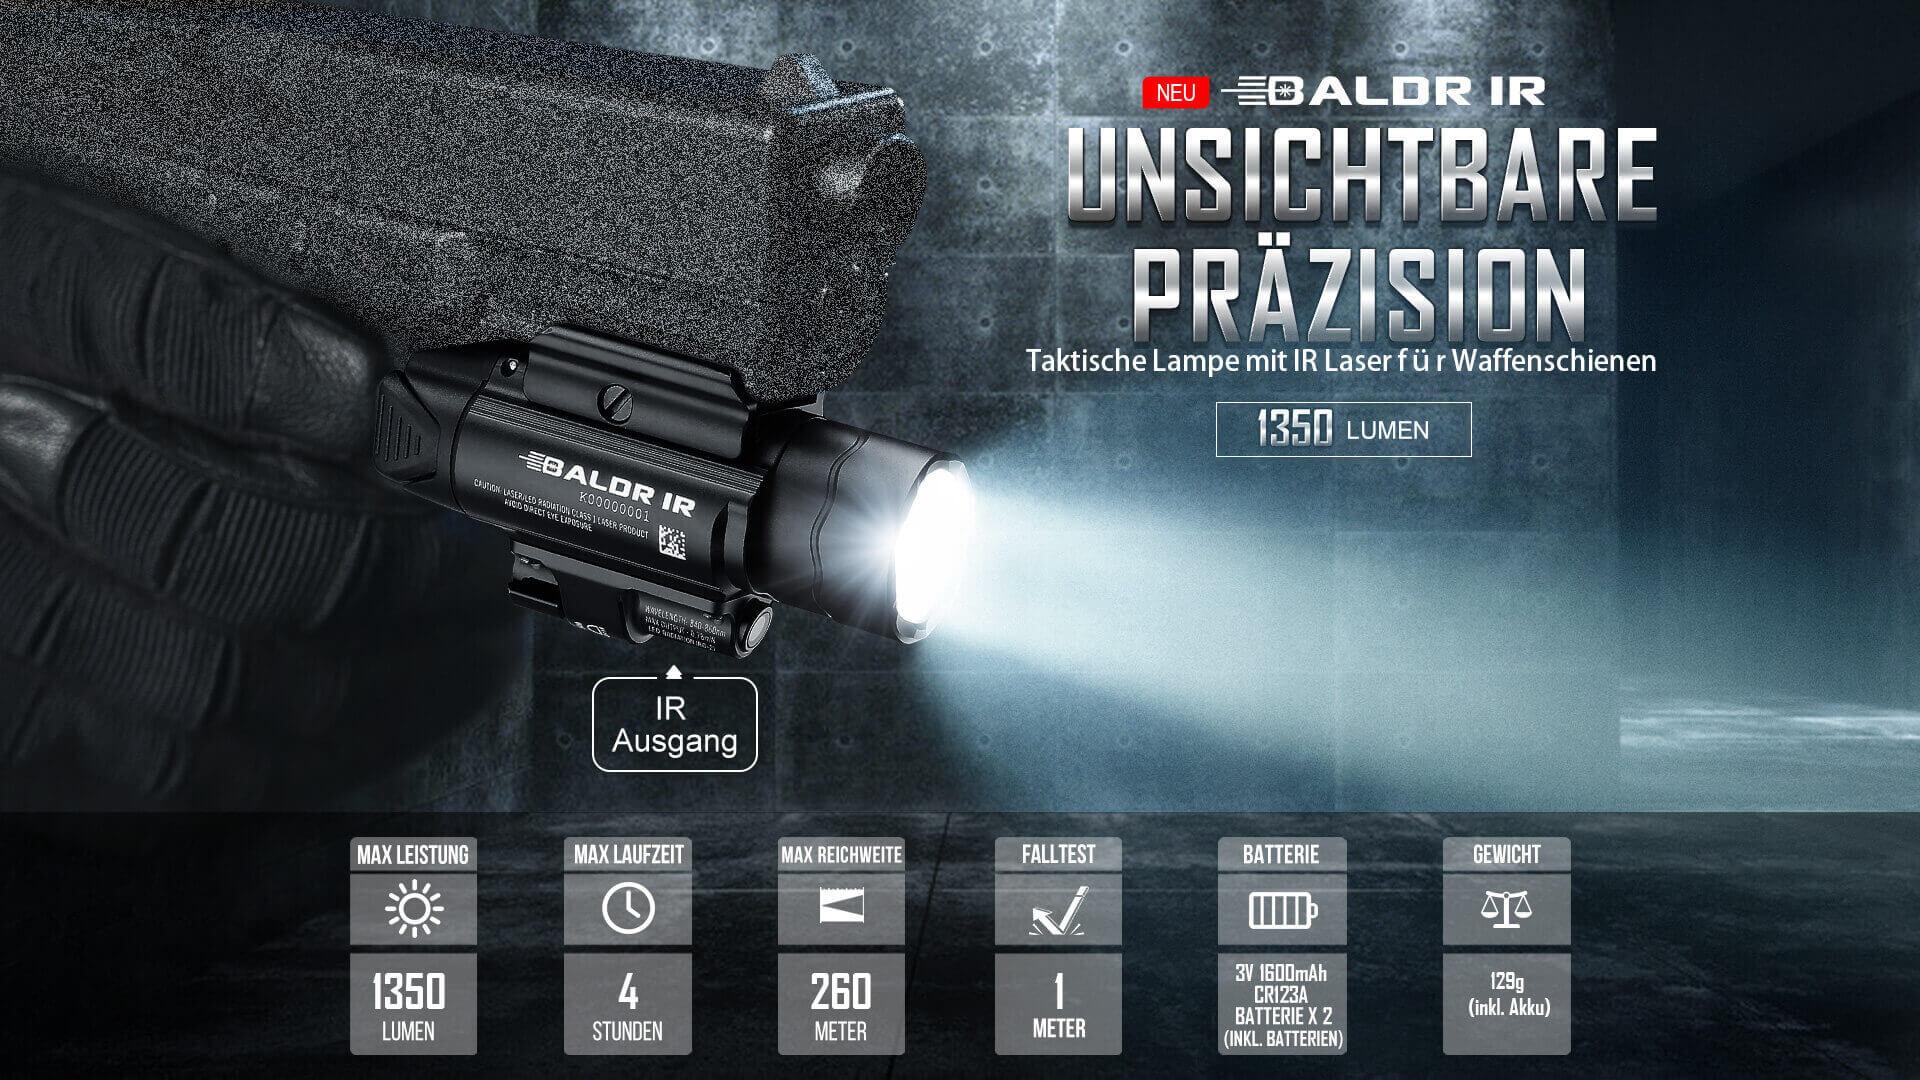 Die Baldr IR ist eine Waffenlampe mit weißer LED und Class 1 IR Strahl (unbedenklich für Augen) für die Waffenschienensysteme Picatinny (MIL-STD-1913) und Glock.